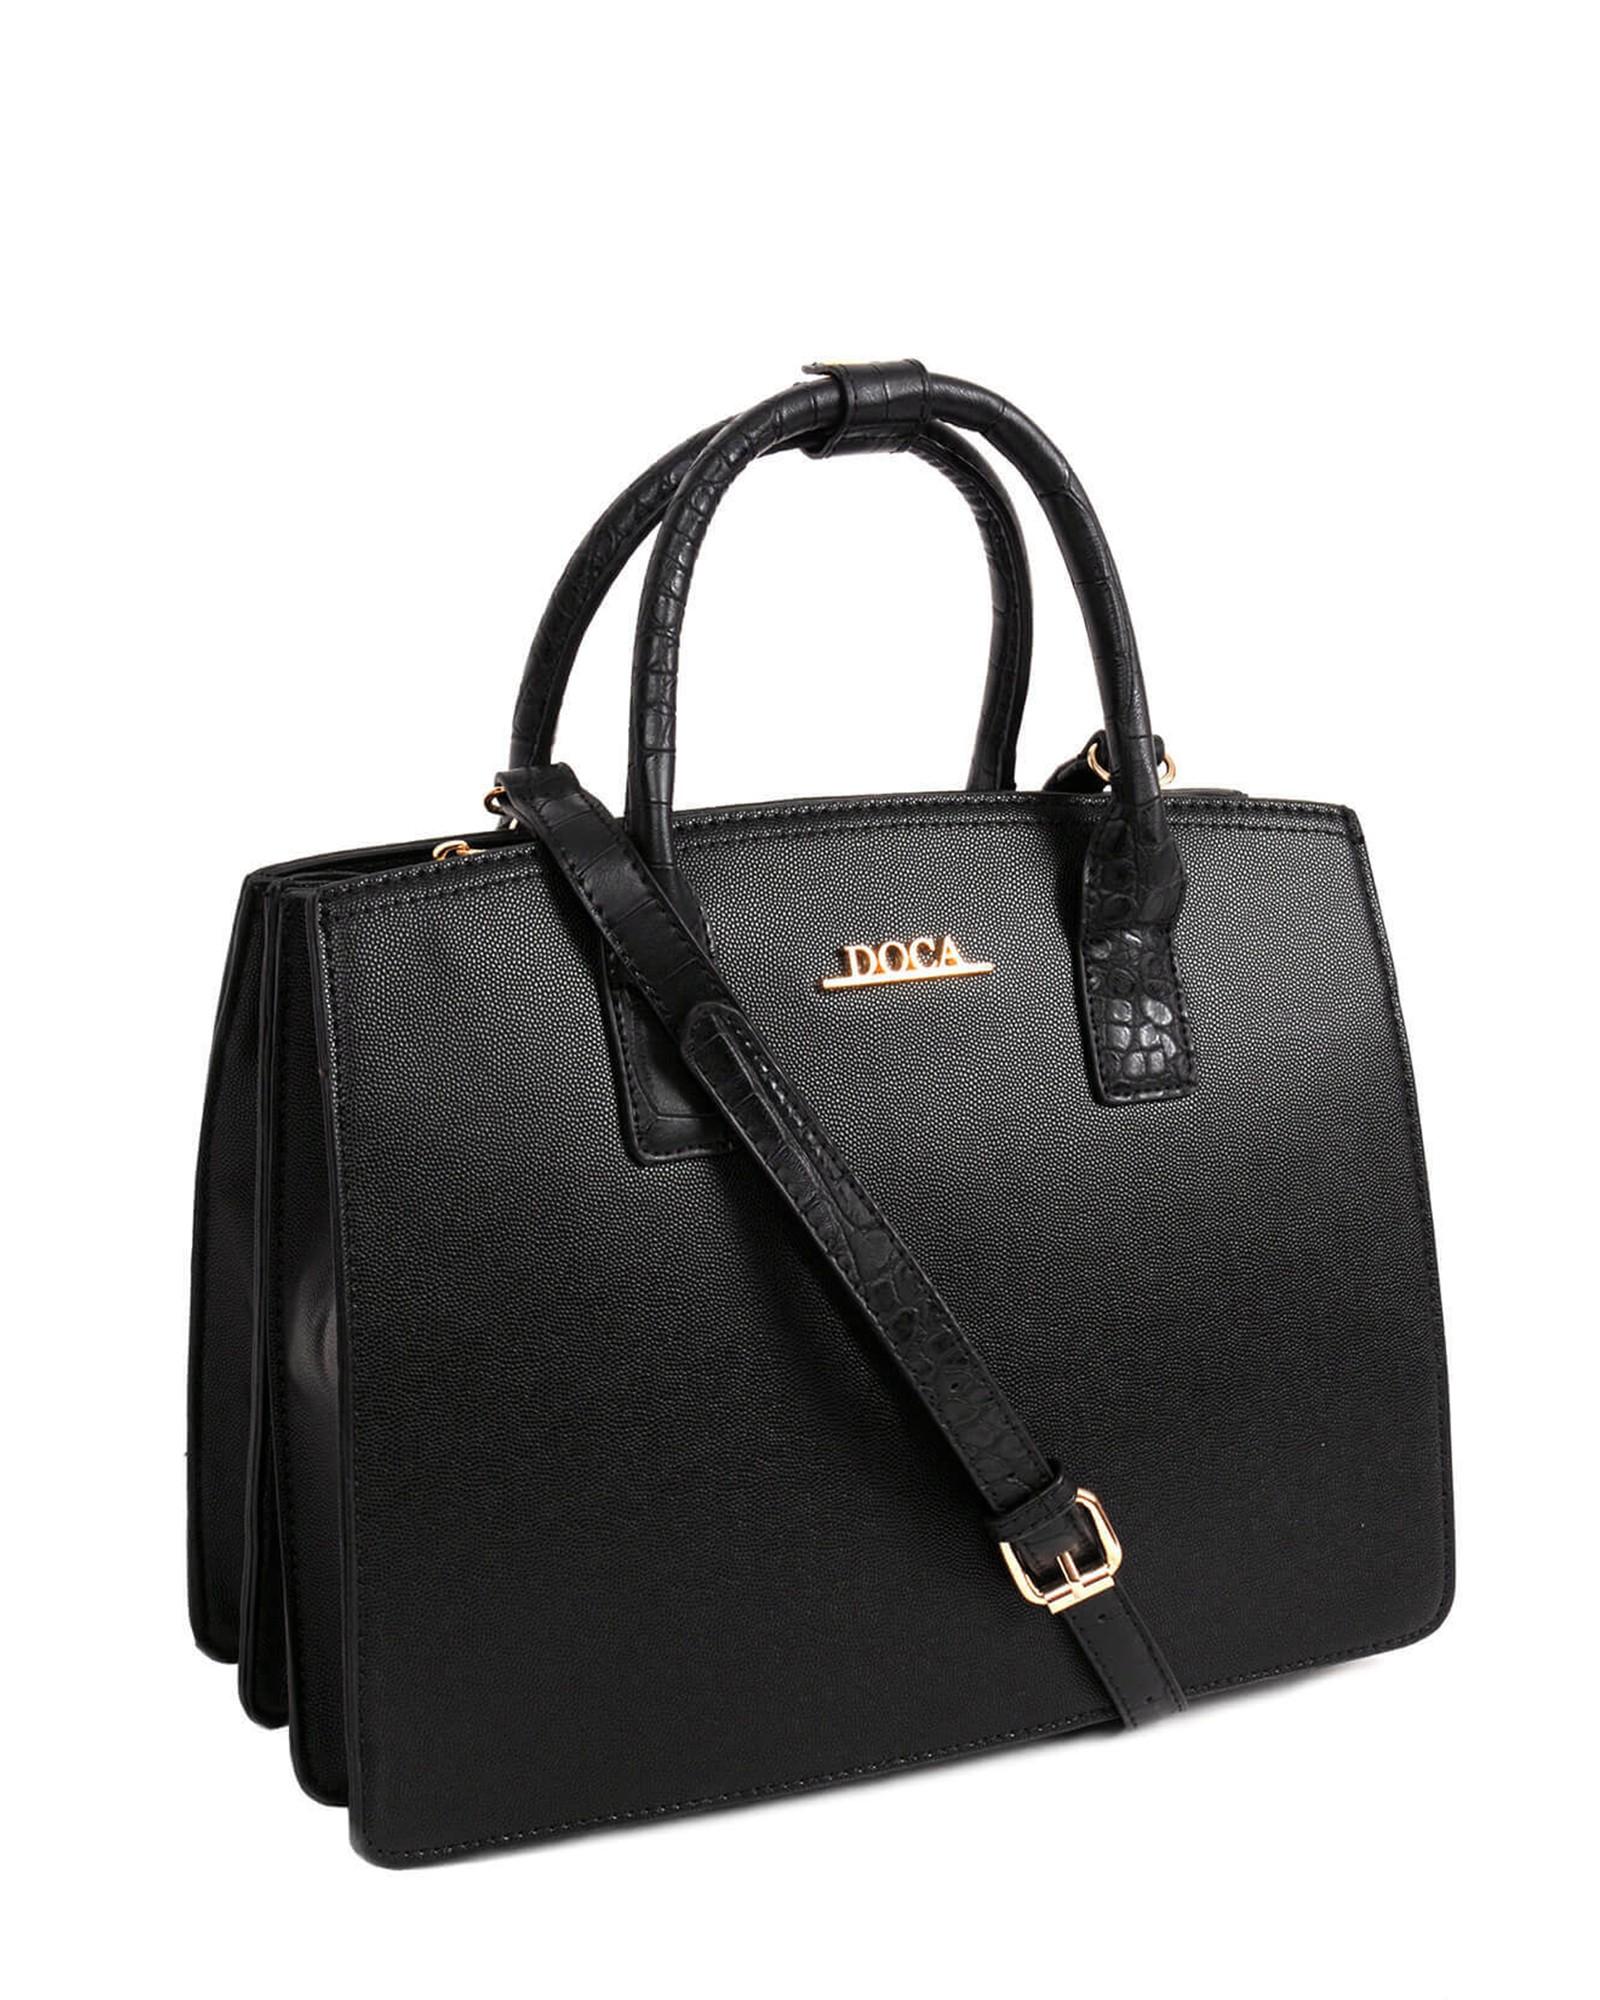 Dámská kabelka Doca 13241 - černá.